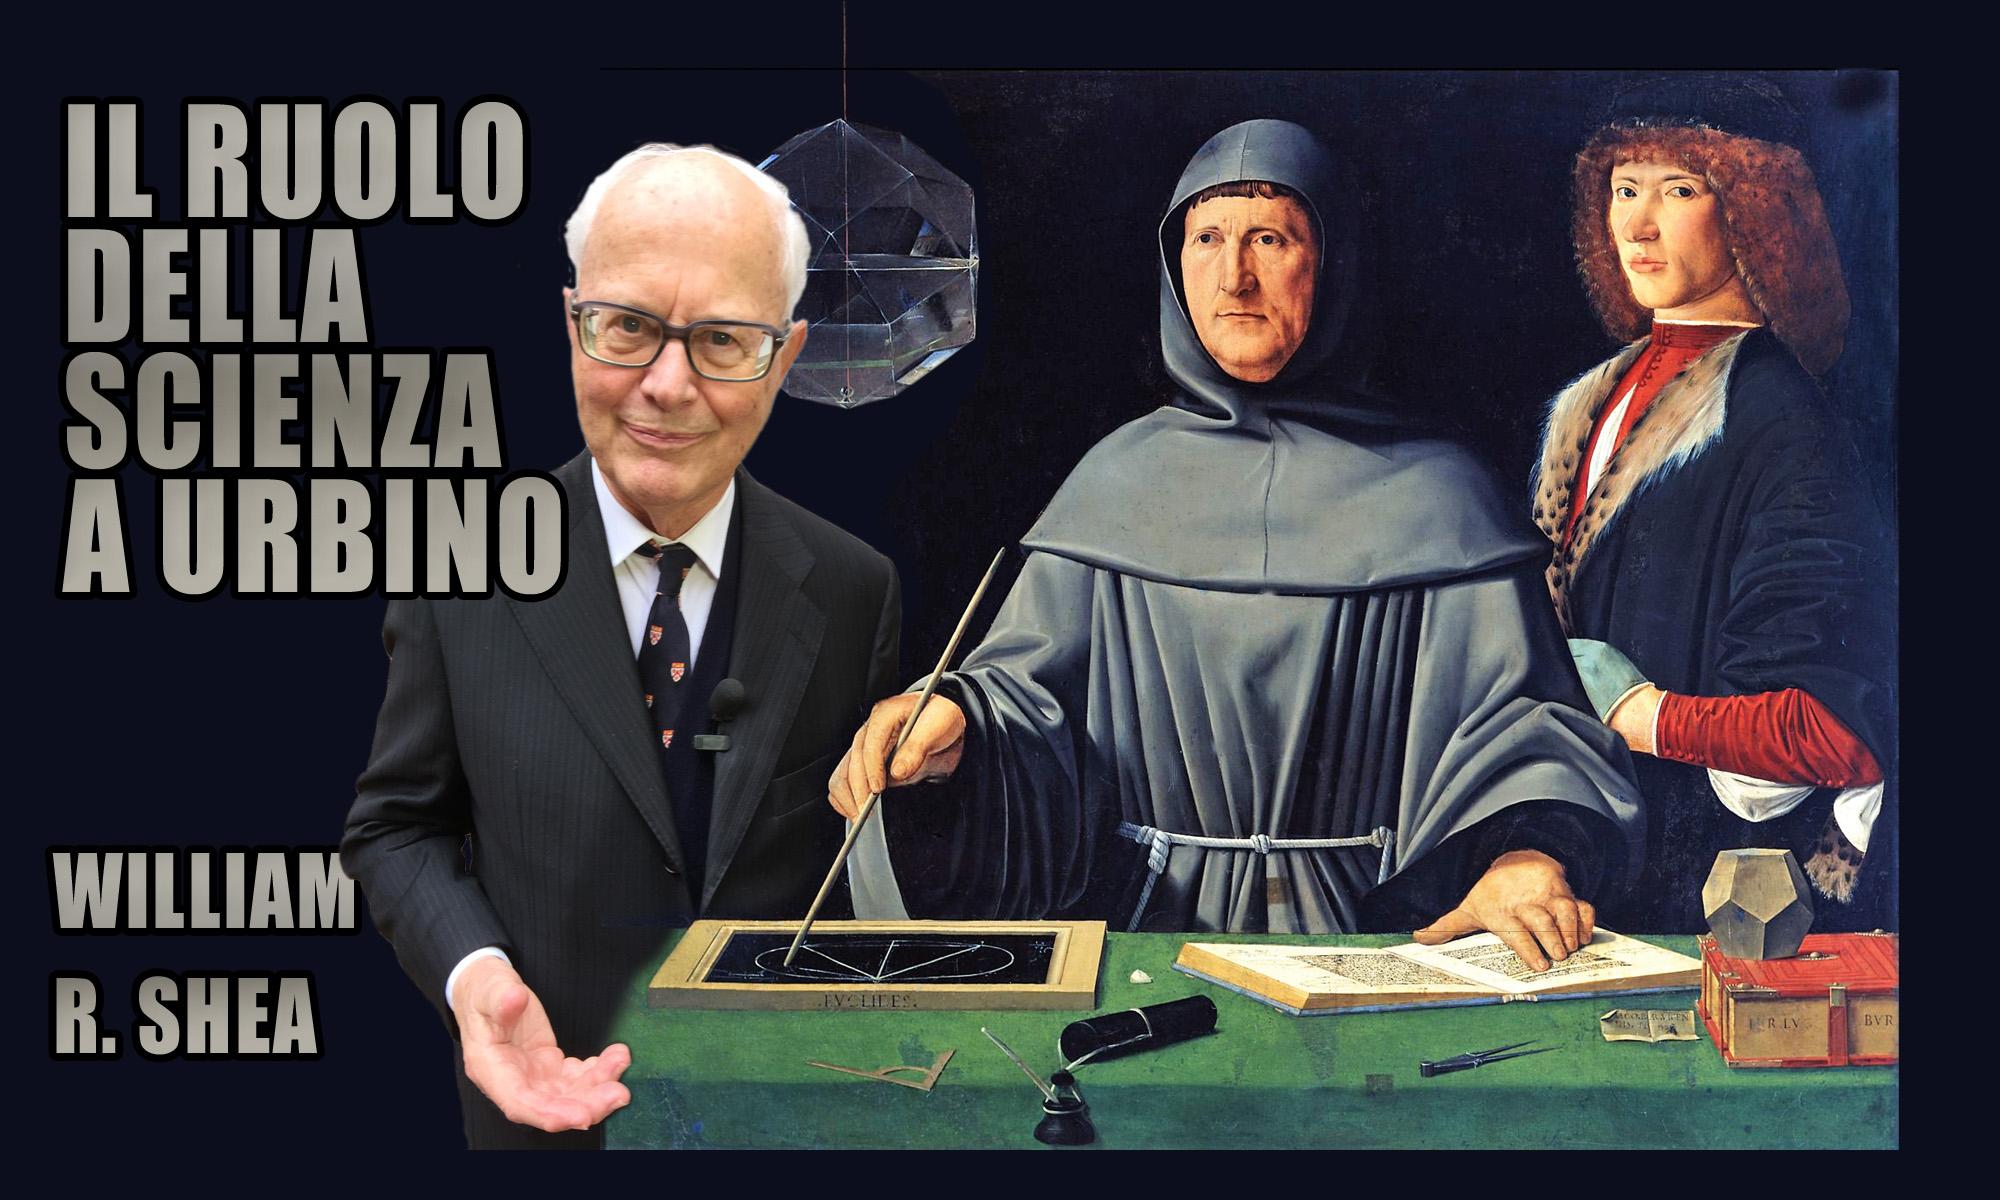 """Settantatreesima puntata. William R. Shea: """"Il ruolo della scienza a Urbino"""""""